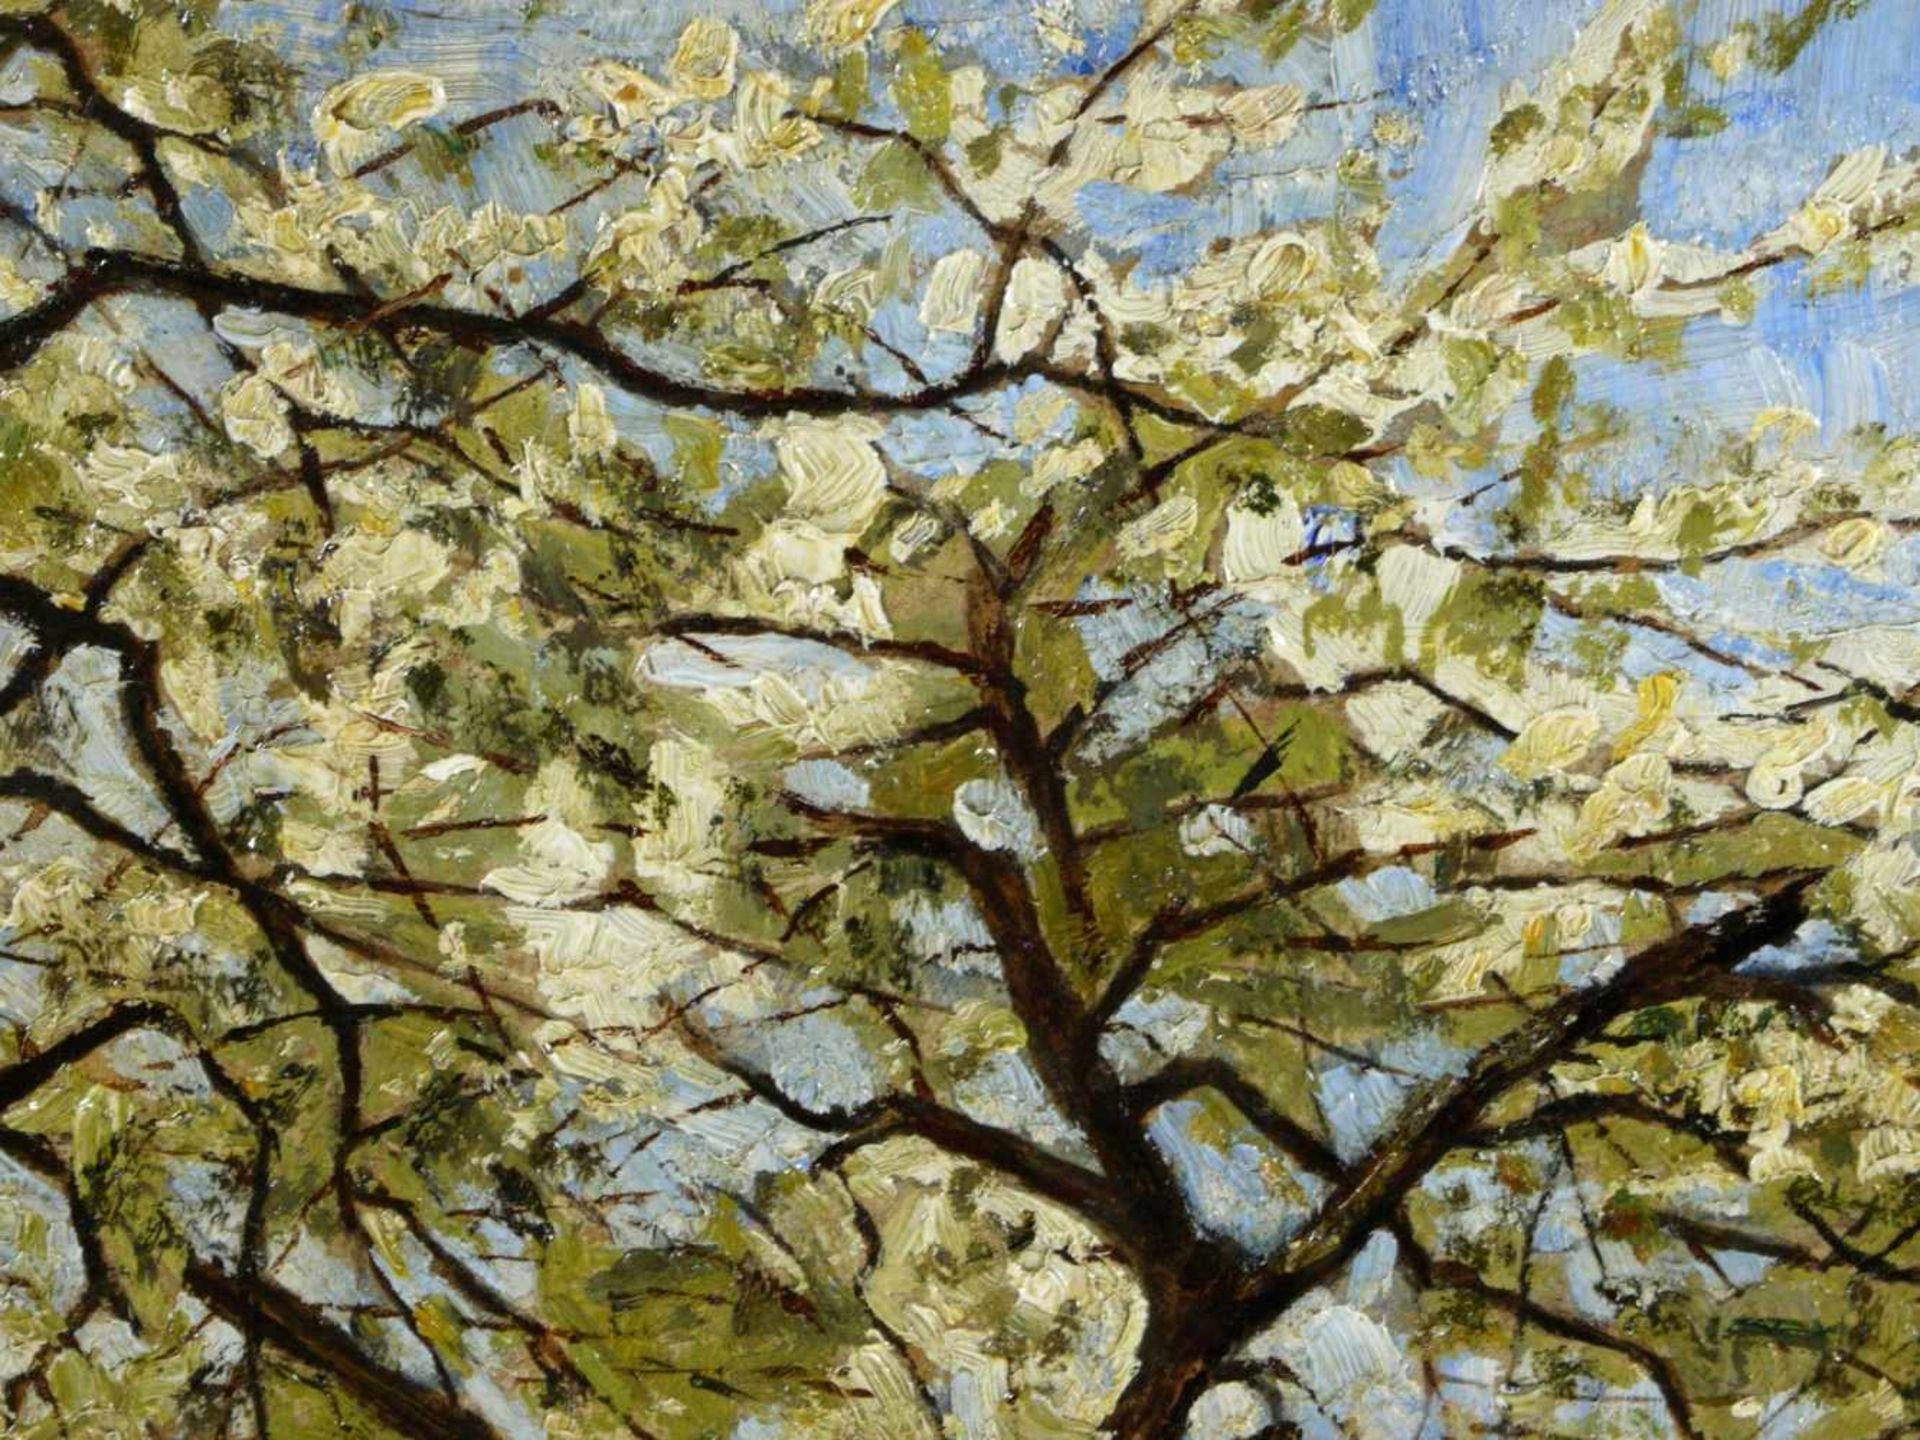 Koch, Michel (1853-1927) - Blühende FrühlingslandschaftFriedvolle Darstellung eines von blühenden - Bild 4 aus 6